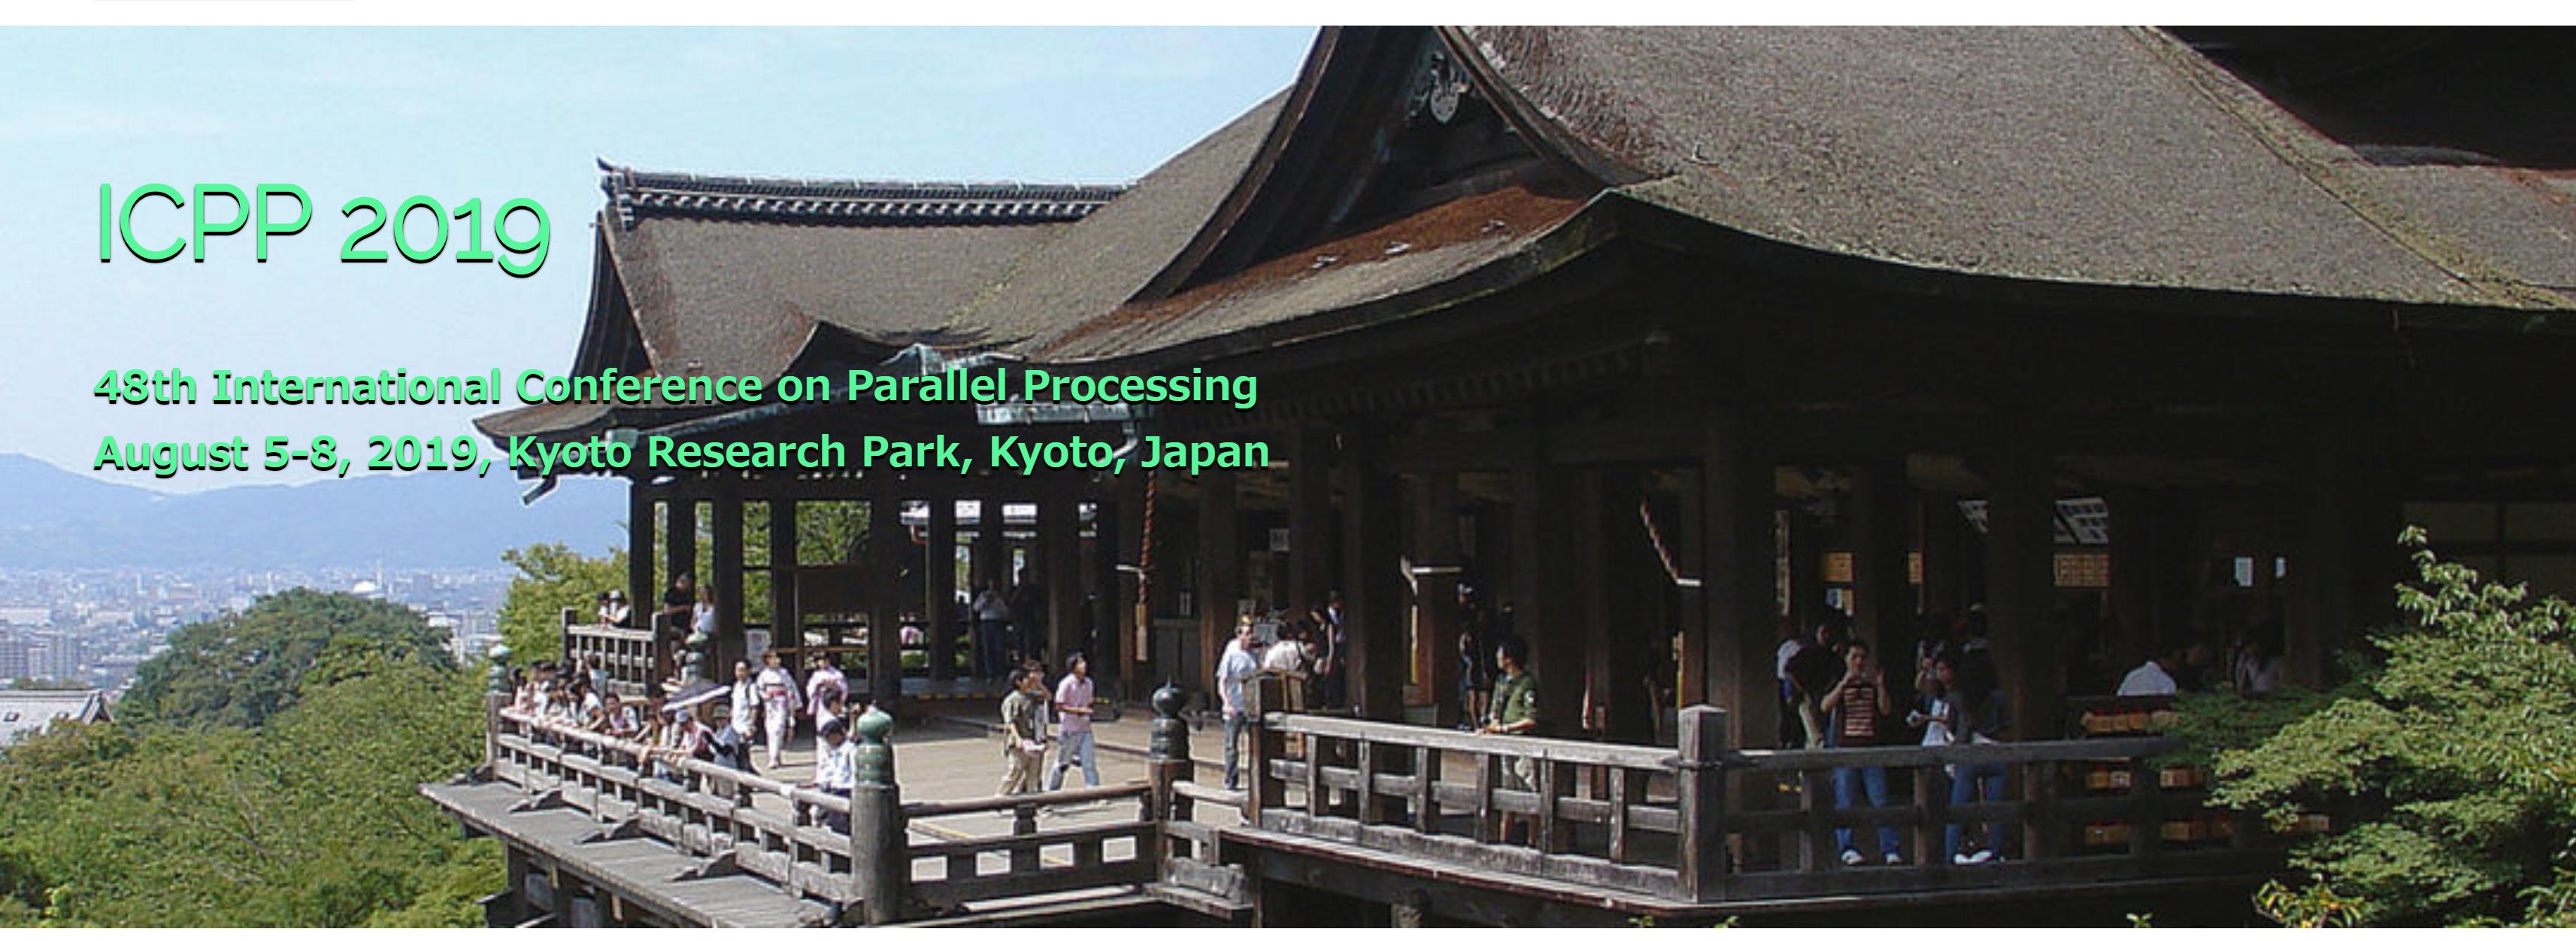 イベント出展:ICPP (International Conference on Parallel Processing)